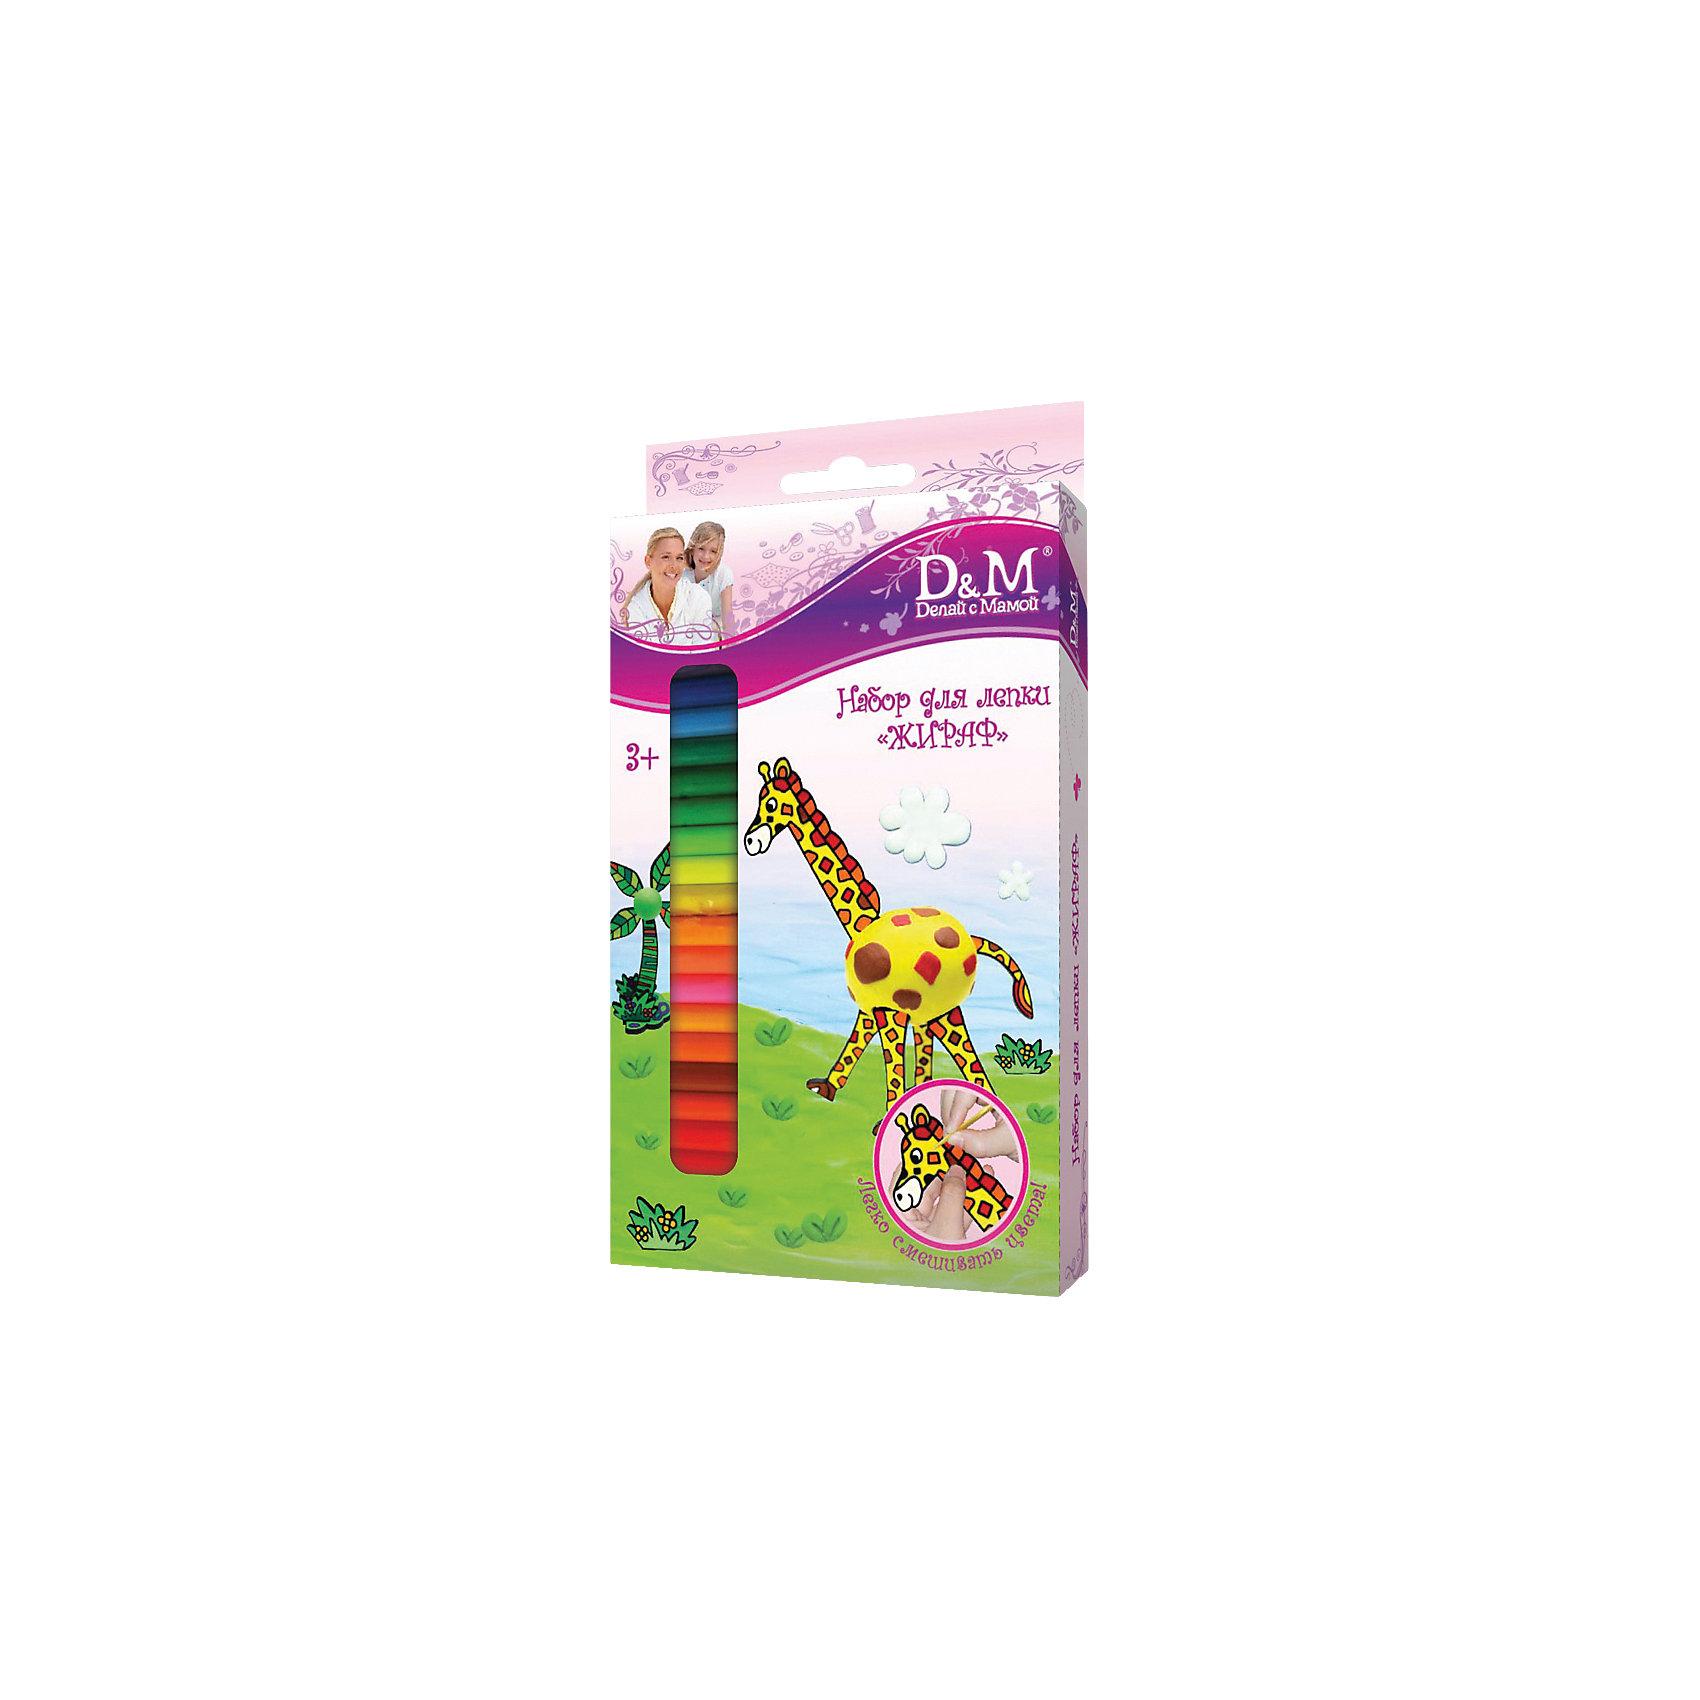 Делай с Мамой Пластилин для детской лепки Жираф, 12 цветов двойной нож для изготовления цветов через интернет